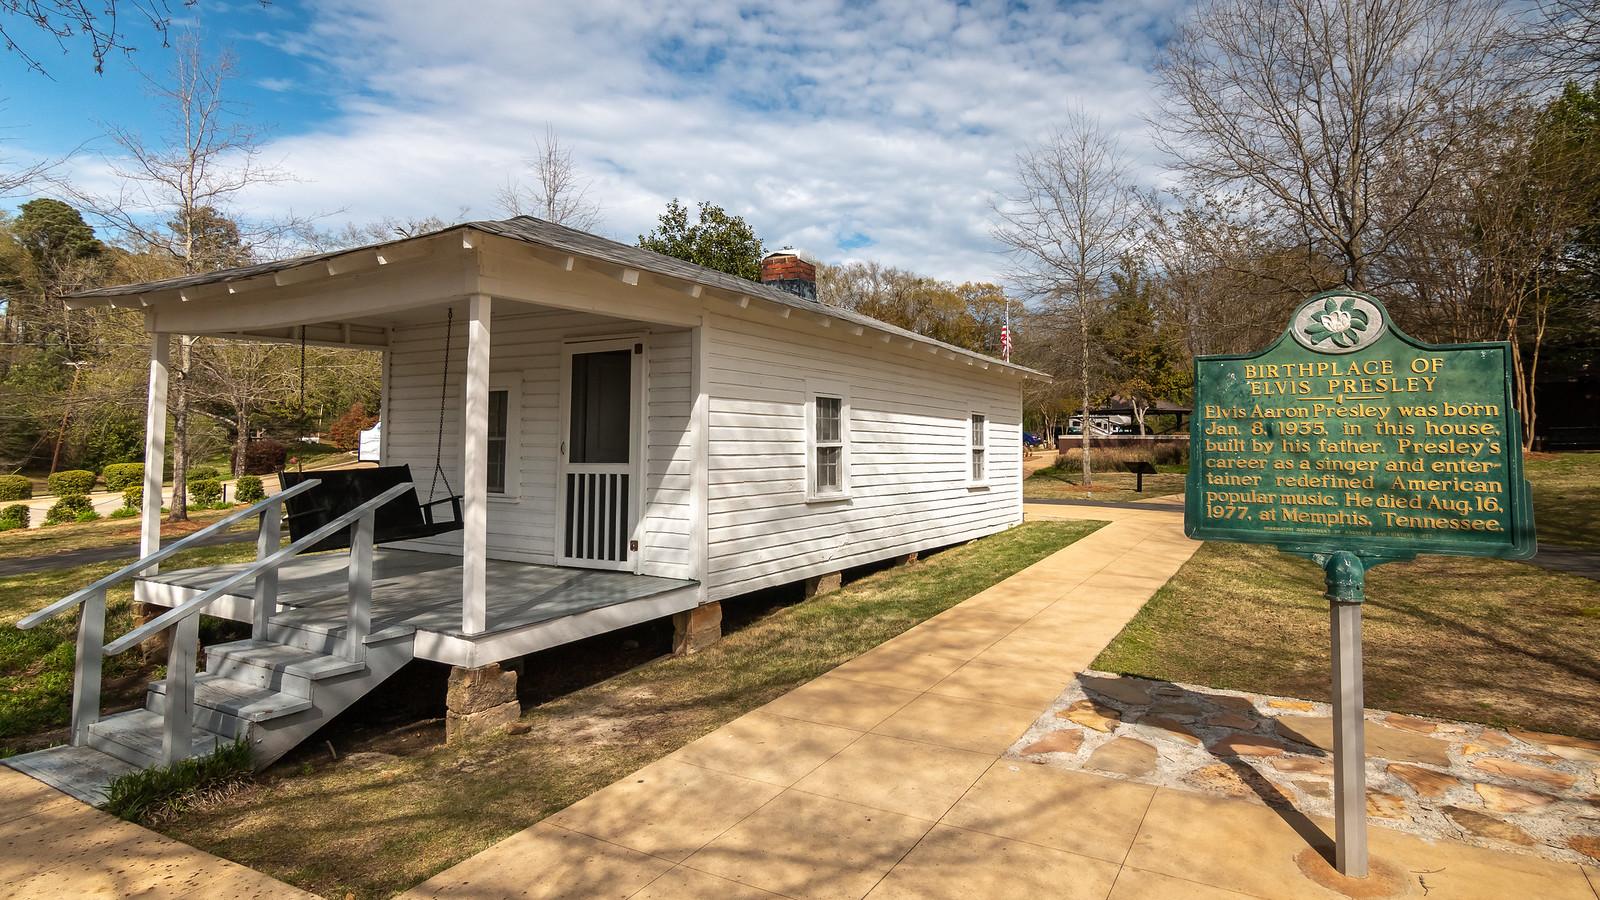 Tupelo - Mississippi - [USA]